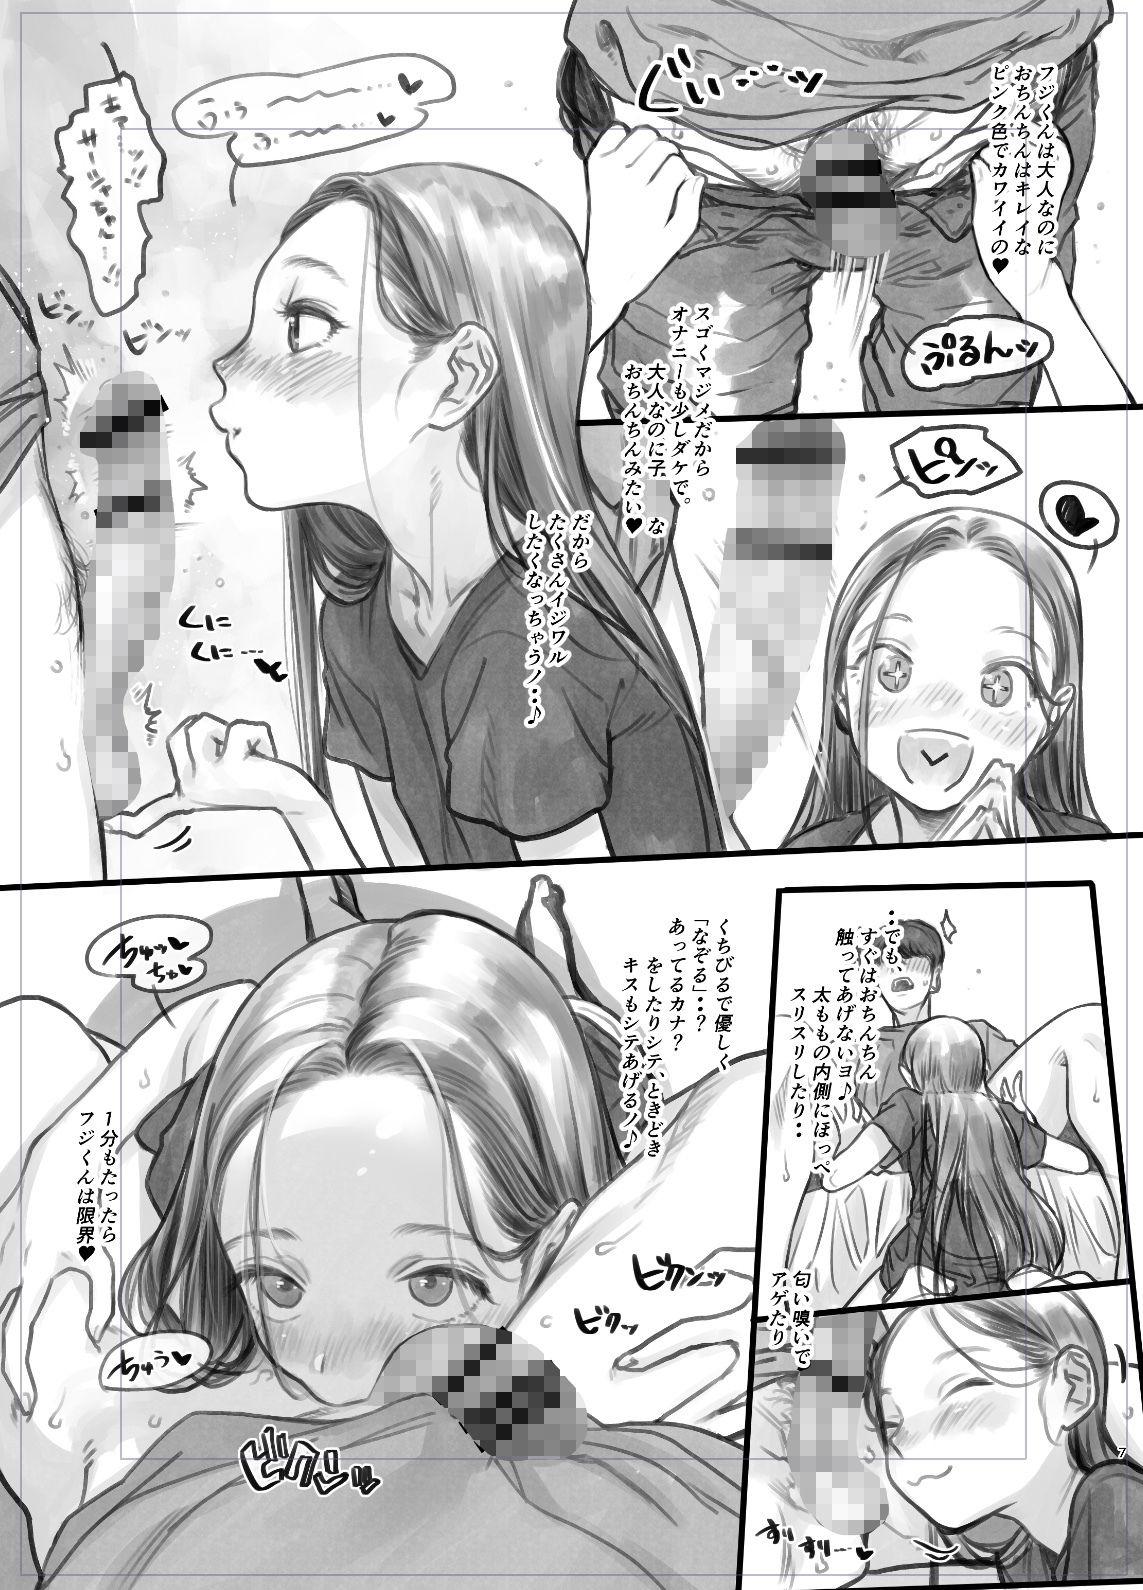 金髪碧眼○r.アイドルのお気に入りセックスフレンド紹介 1(第3位フジくん編)のサンプル画像